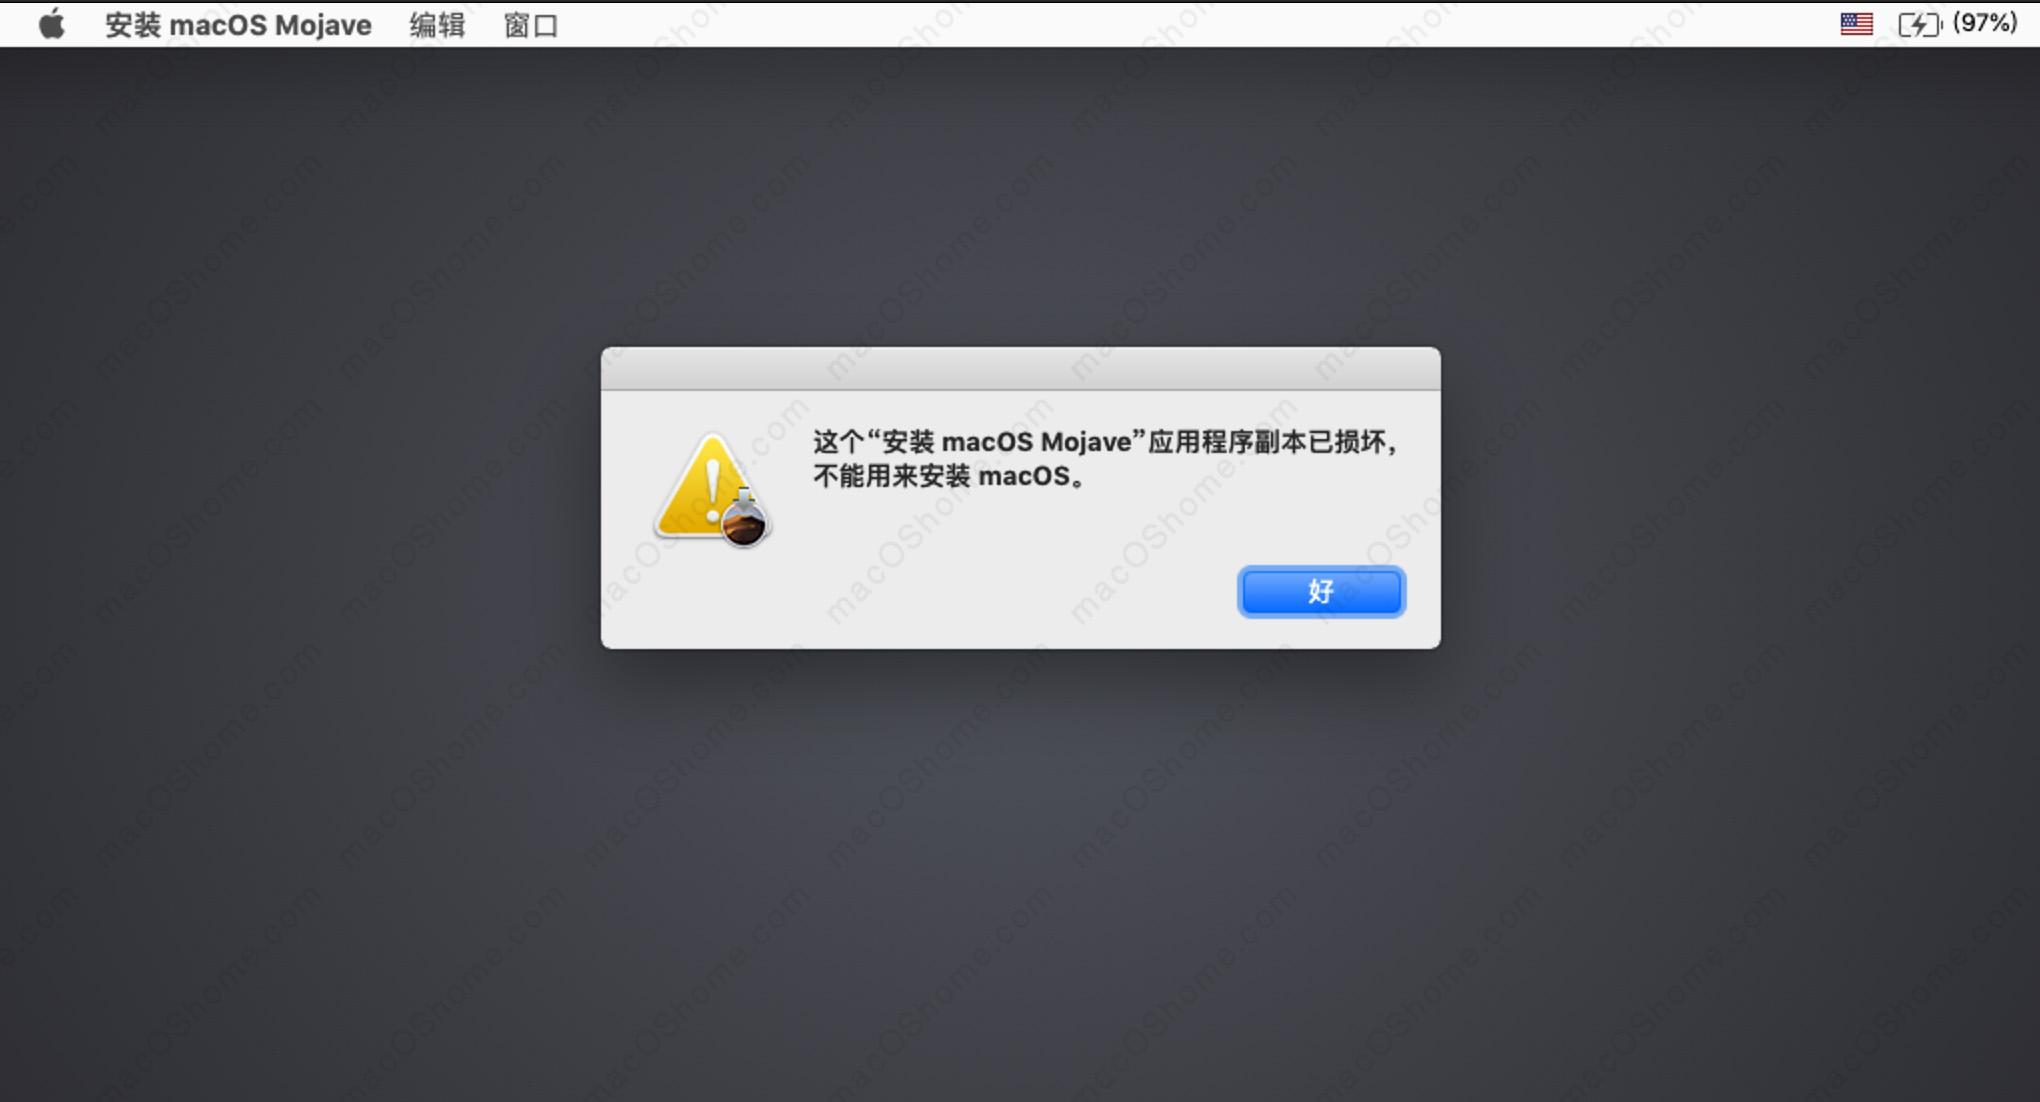 """这个""""安装 macOS Mojave"""" 应用程序副本已损坏,不能用来安装macOS-WP迷死"""